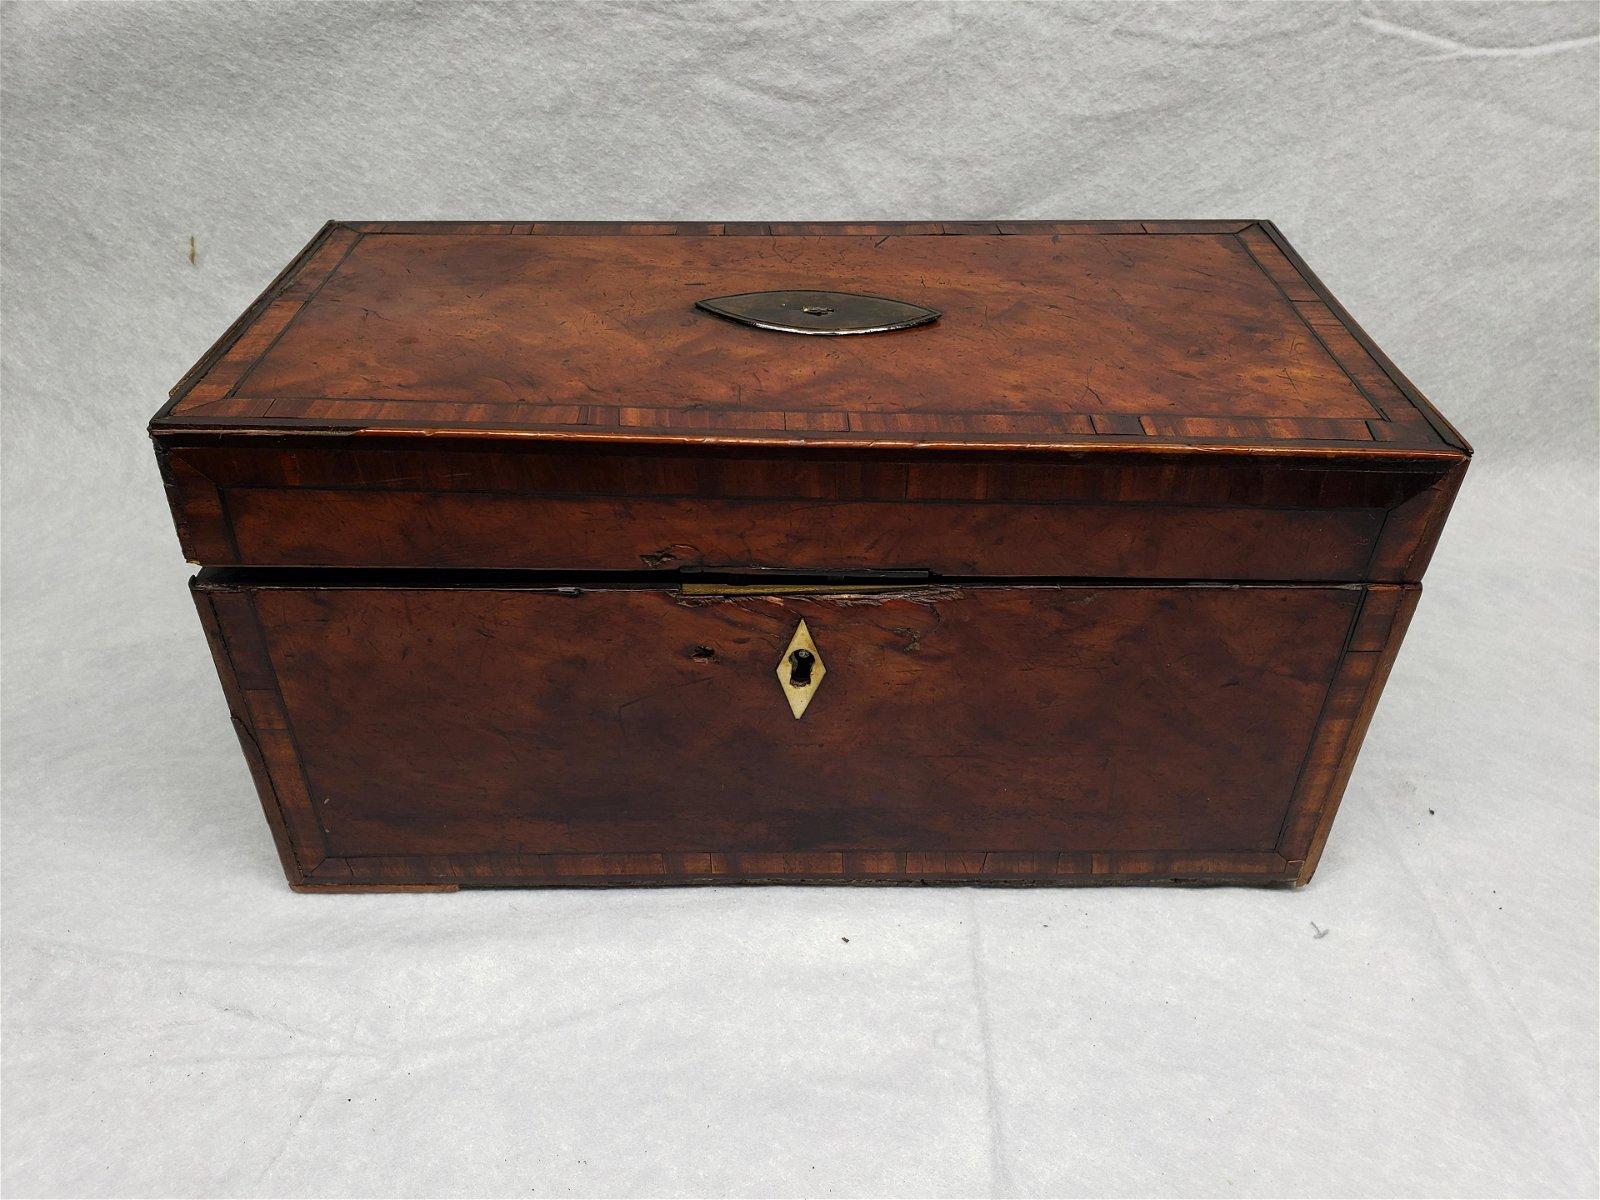 Mahogany Tea box 1807 With Marquetery